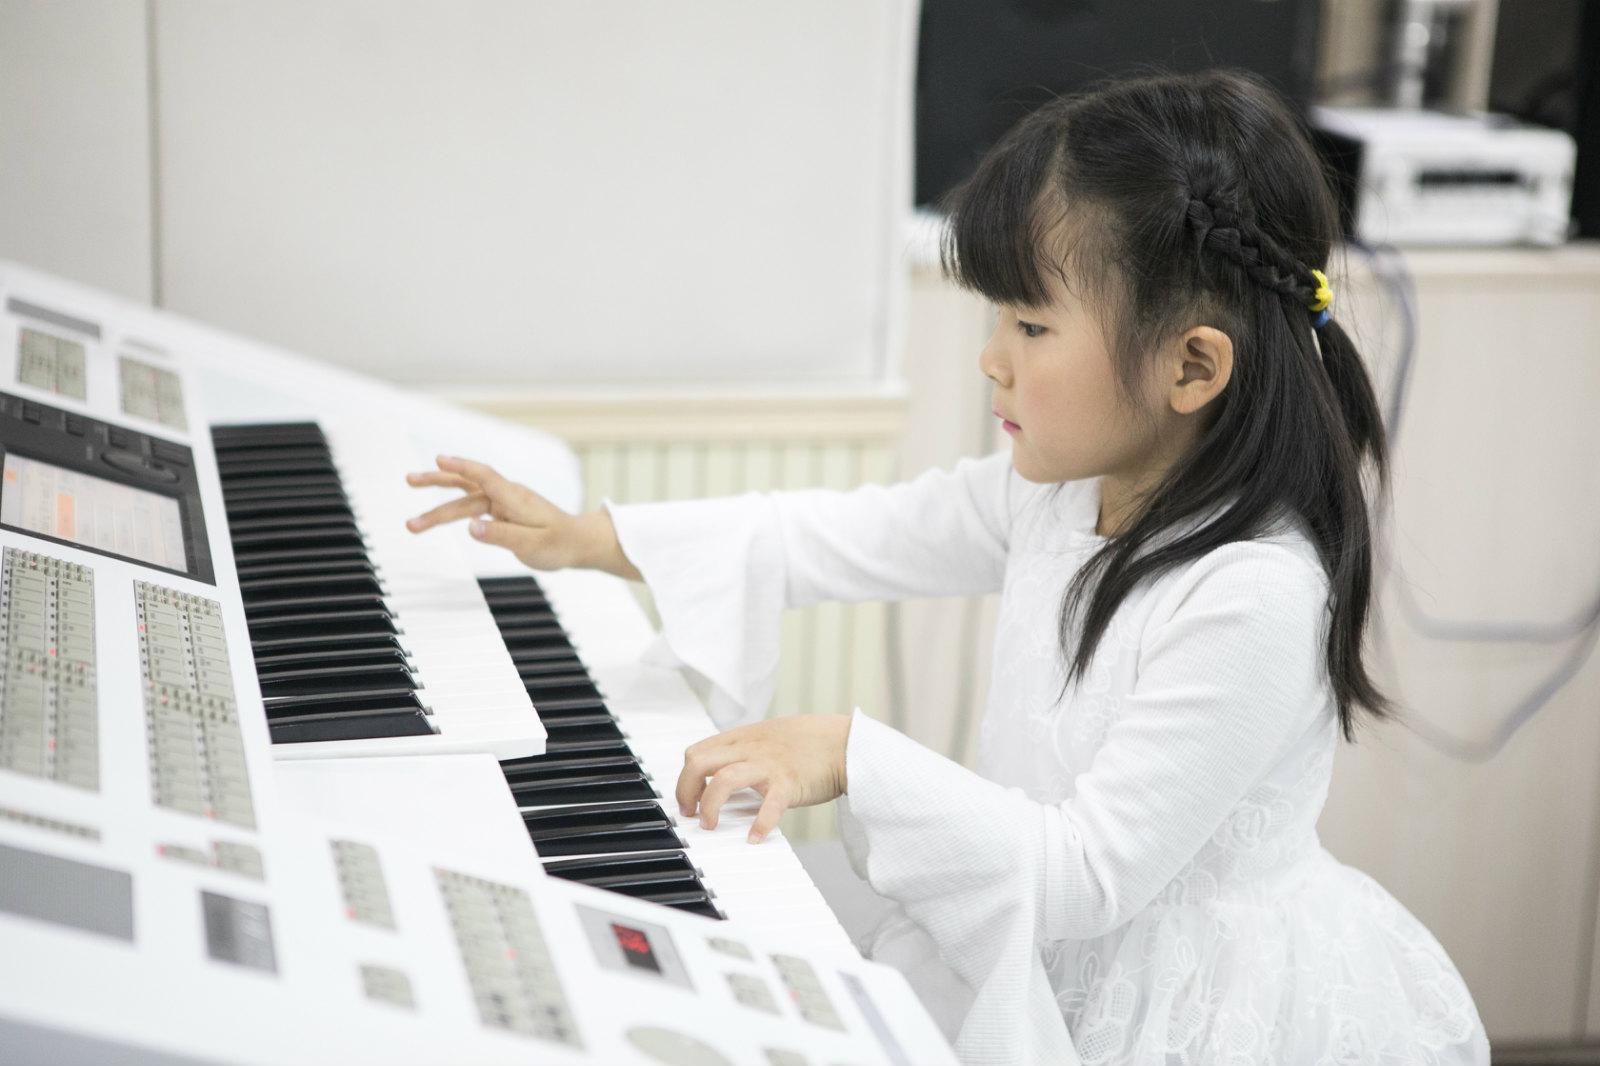 弹琴时,如何控制好力度的强弱